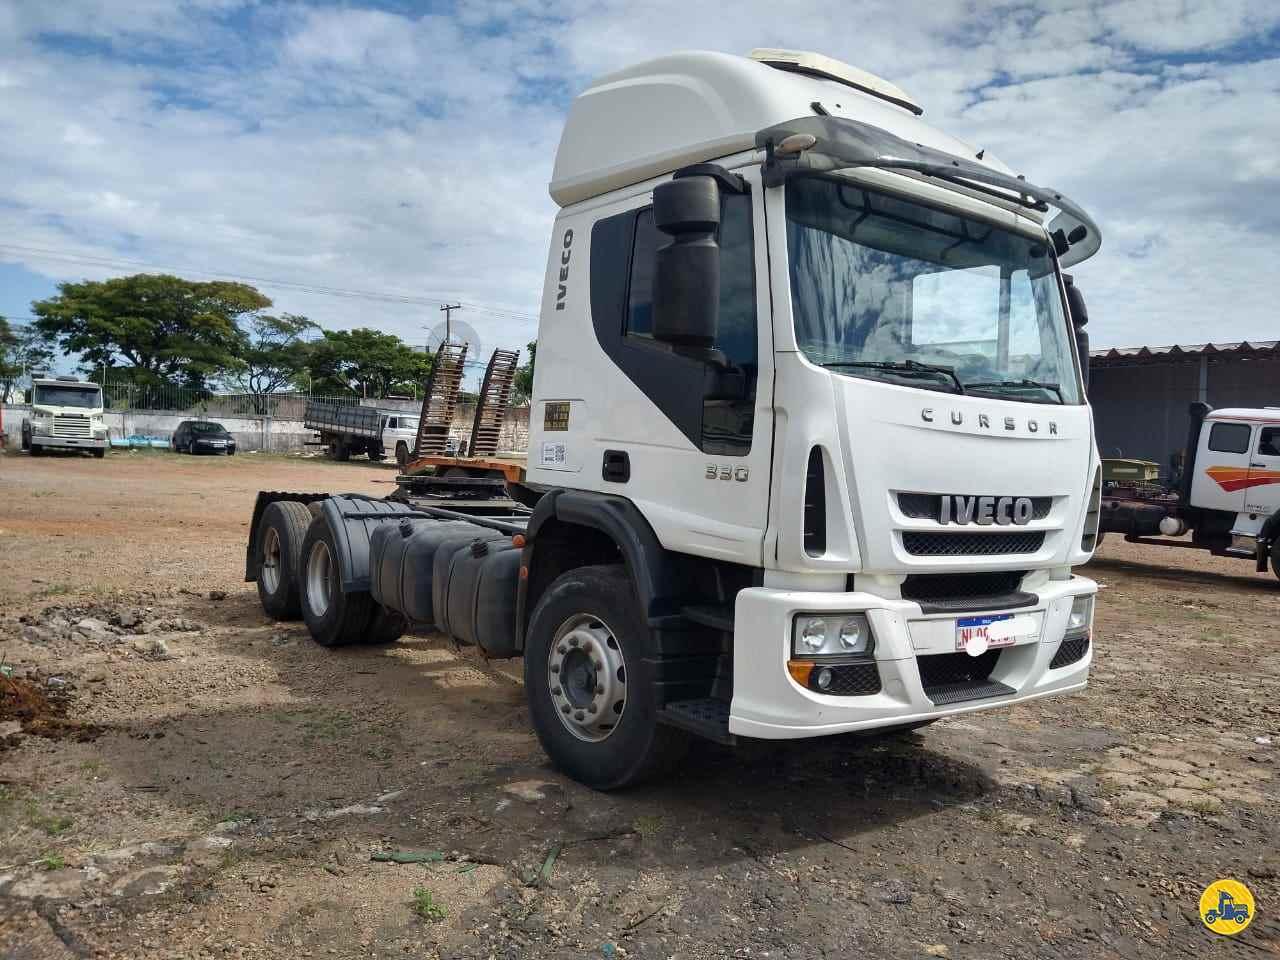 CAMINHAO IVECO STRALIS 330 Cavalo Mecânico Truck 6x2 Diogo Caminhões ANAPOLIS GOIAS GO